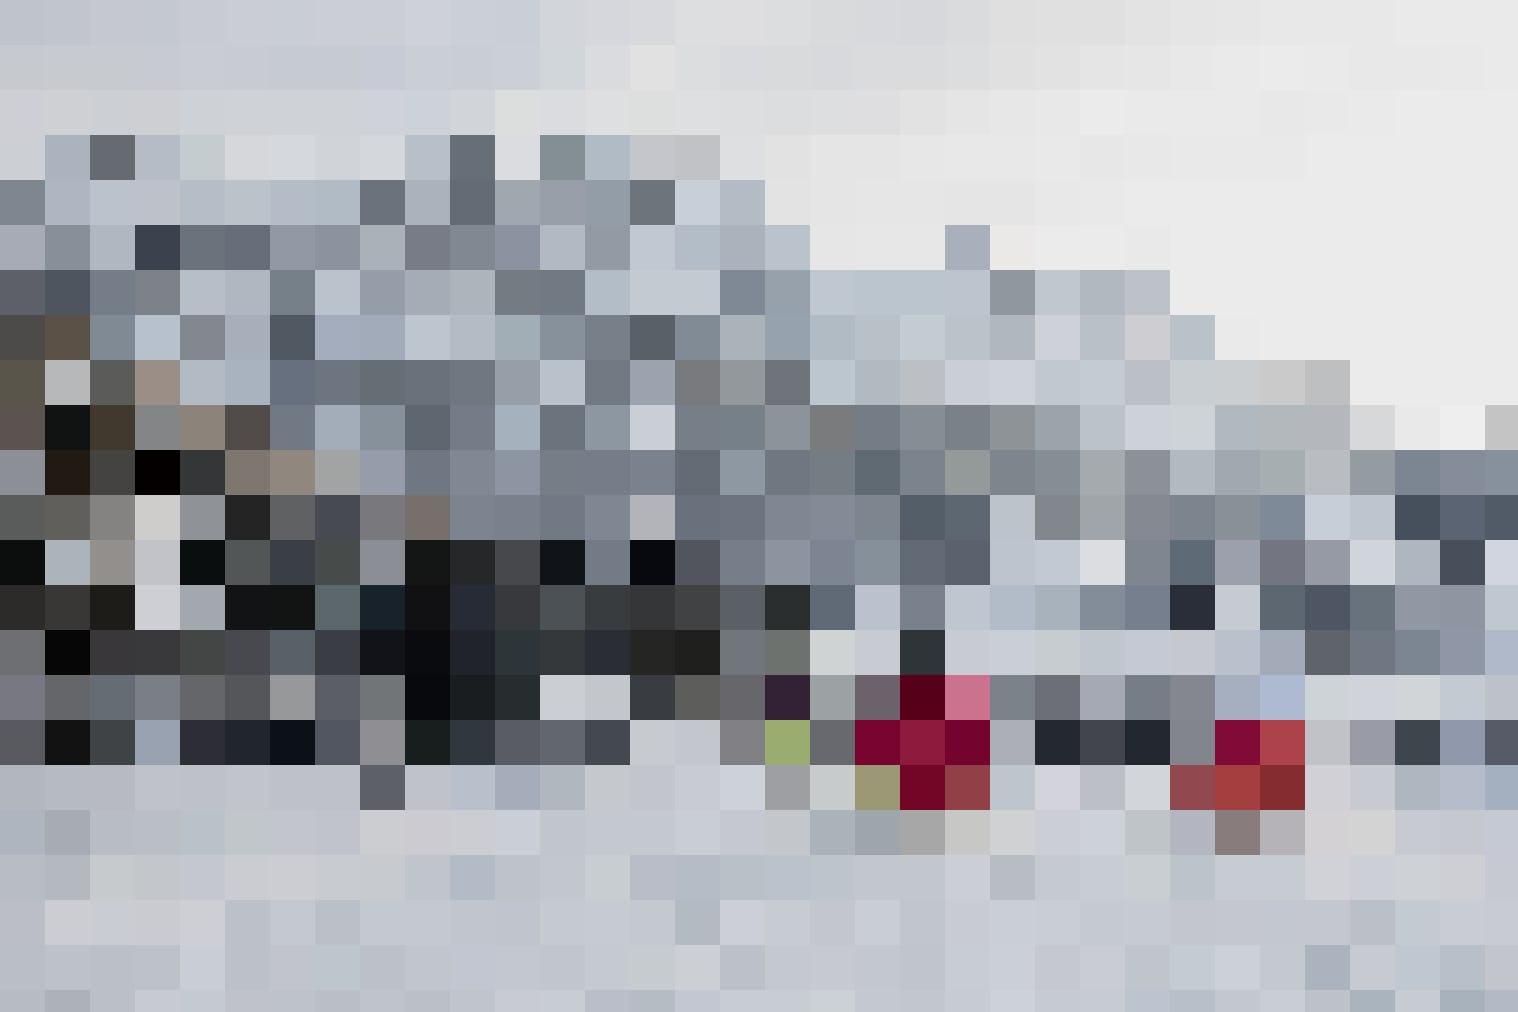 Wer nicht auf die Piste möchte, kann auch schlitteln: Schlittler auf der Wispile, Gstaad